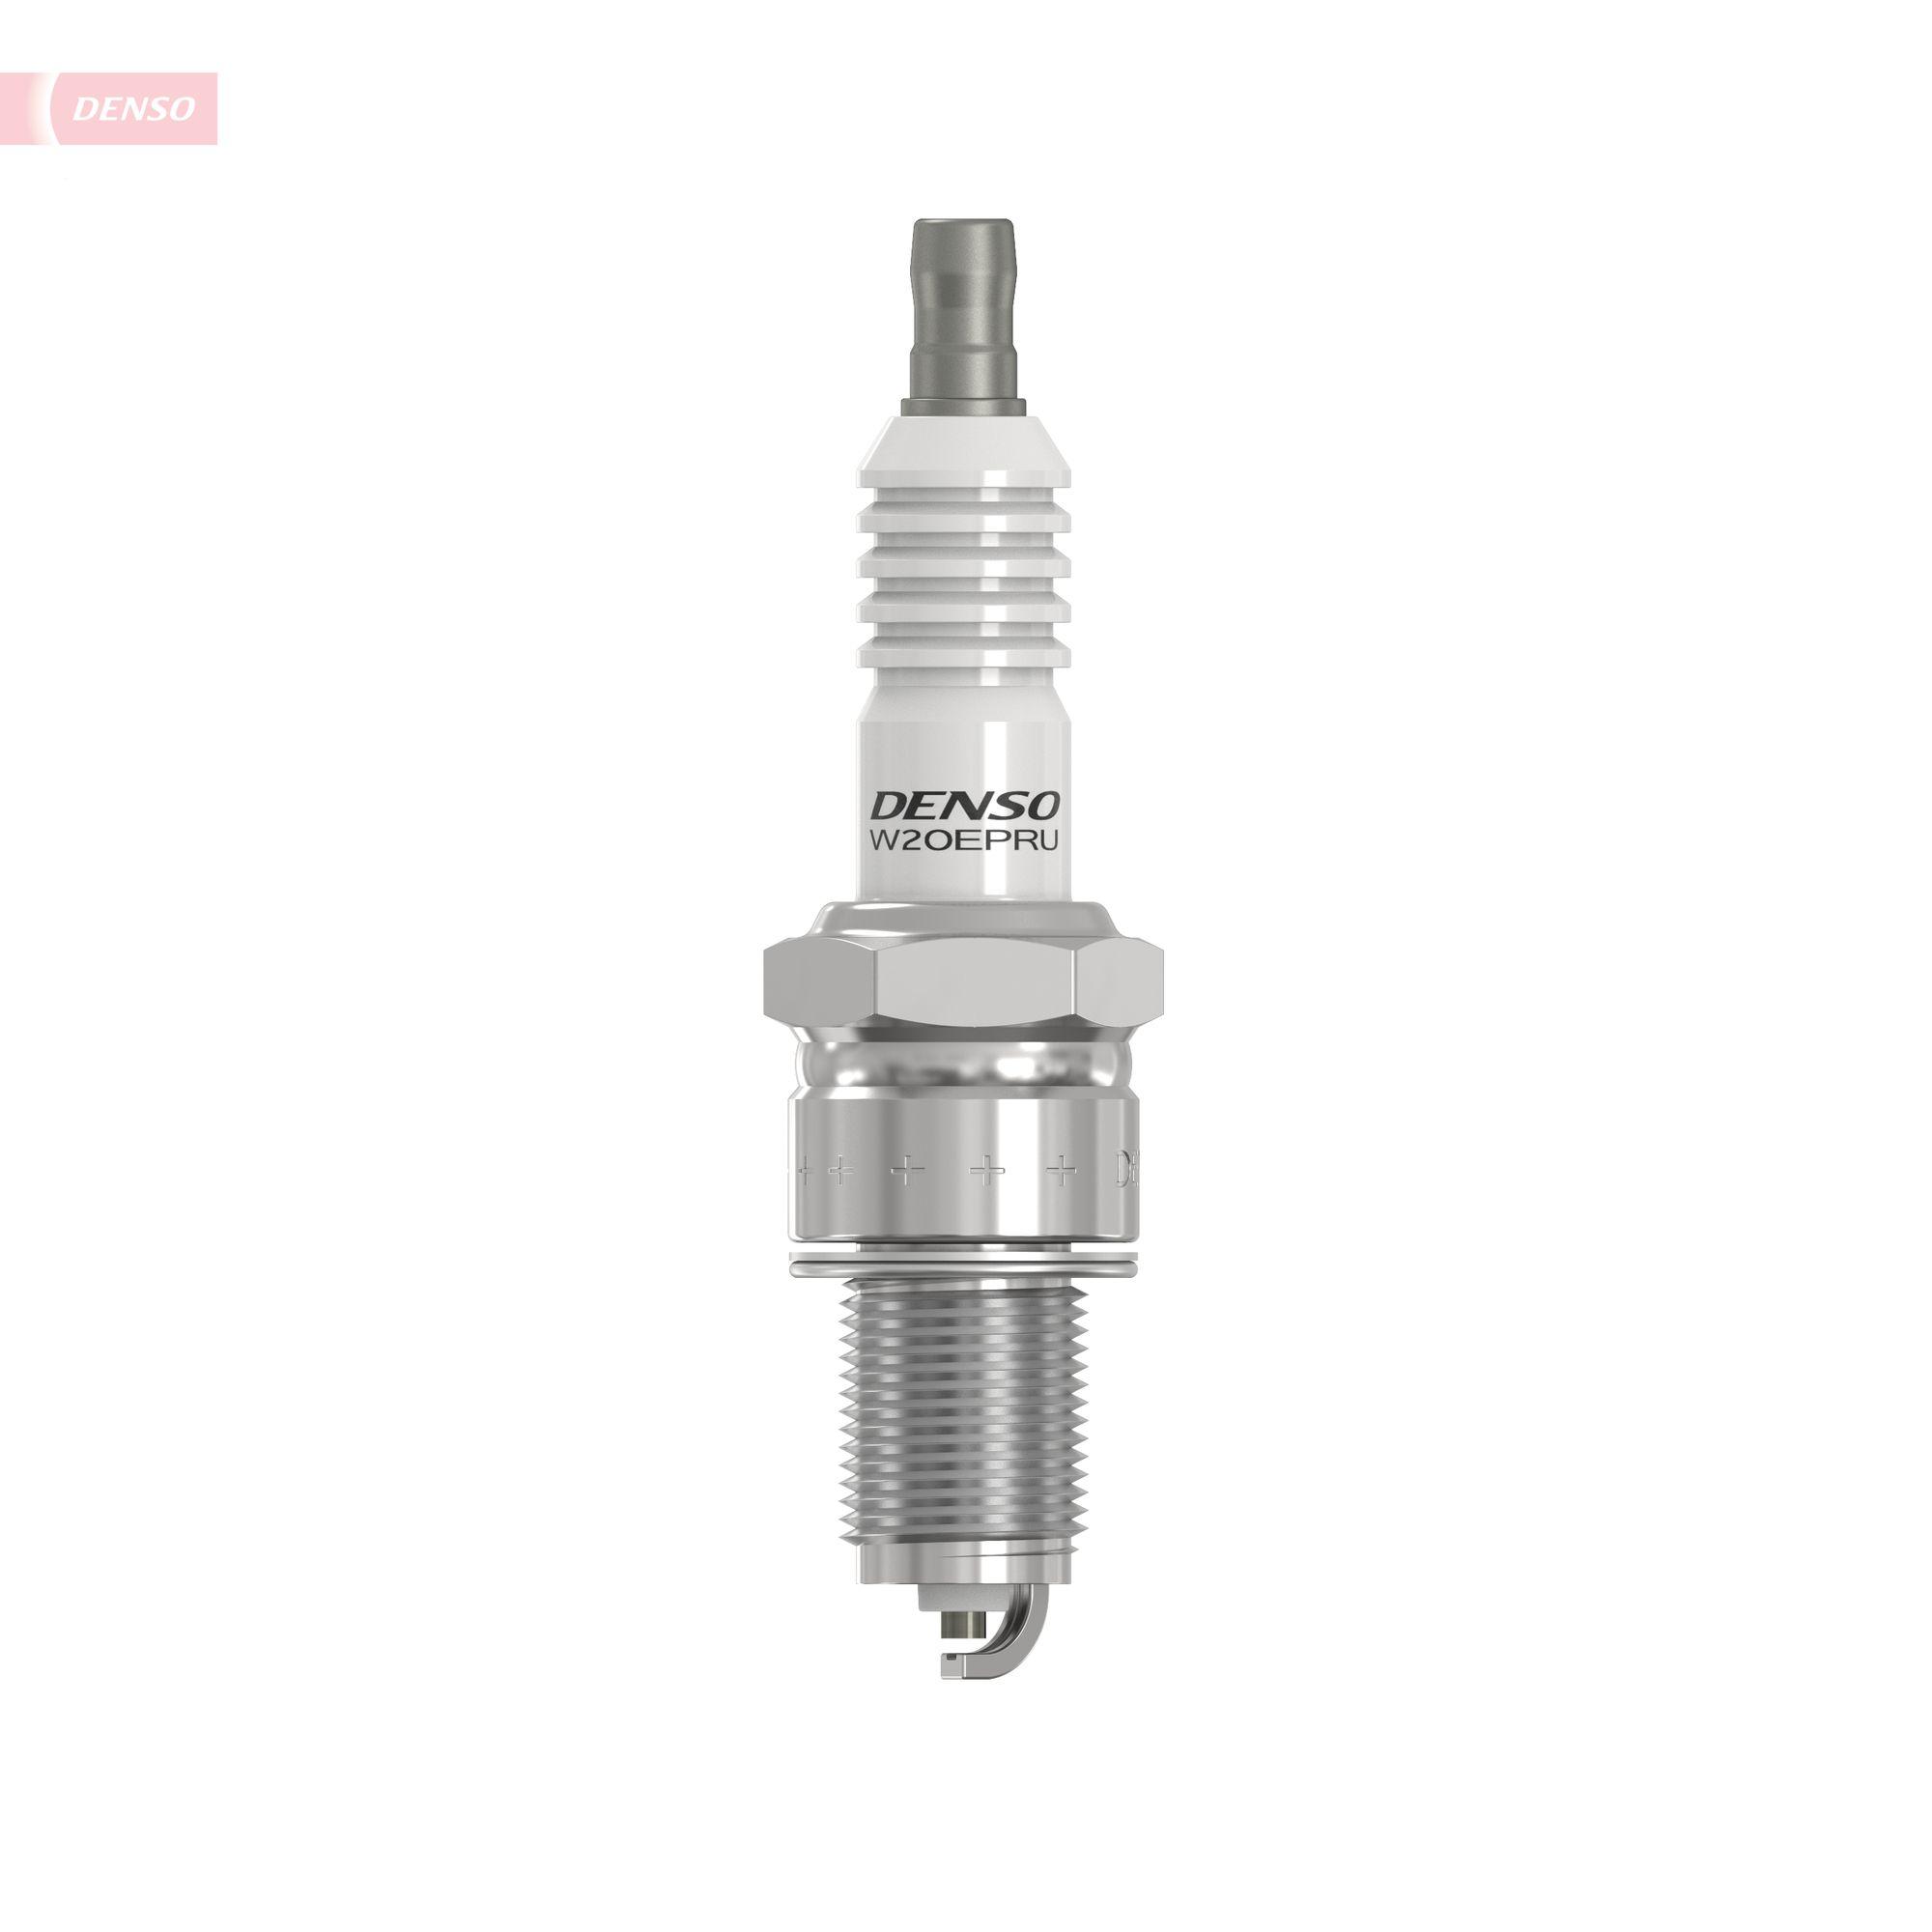 Gyújtógyertya W20EPR-U DENSO 3047 eredeti minőségű